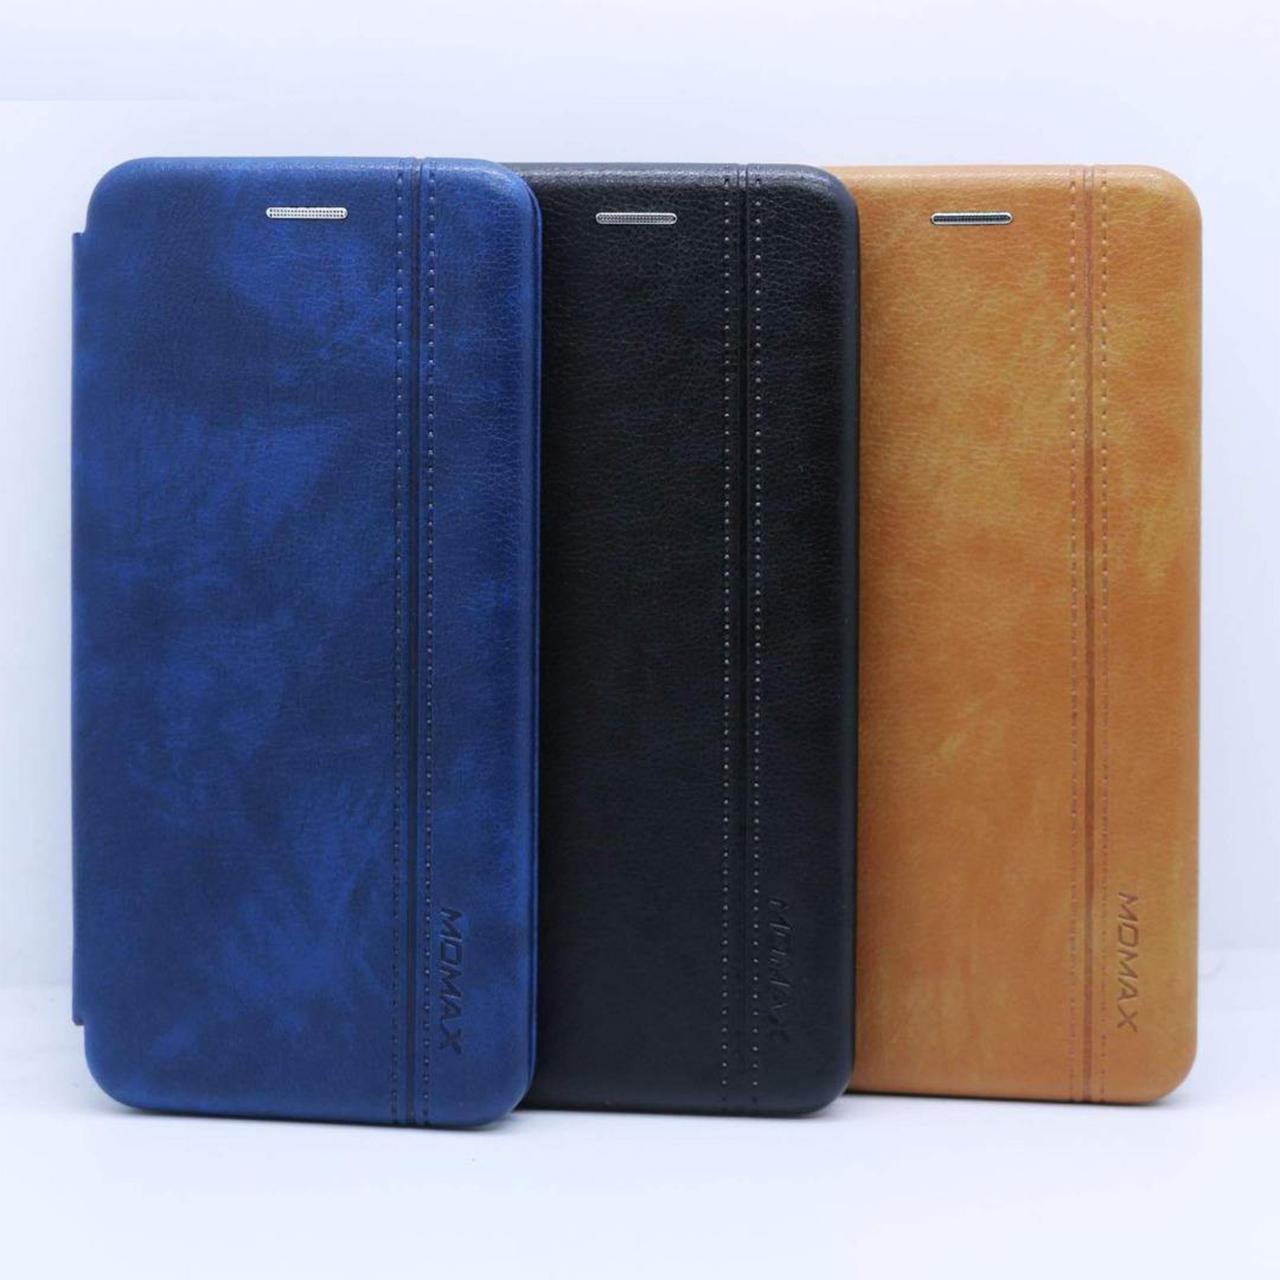 کیف کلاسوری ردموب مدل RMOX مناسب برای گوشی موبایل سامسونگ Galaxy A750 thumb 2 1